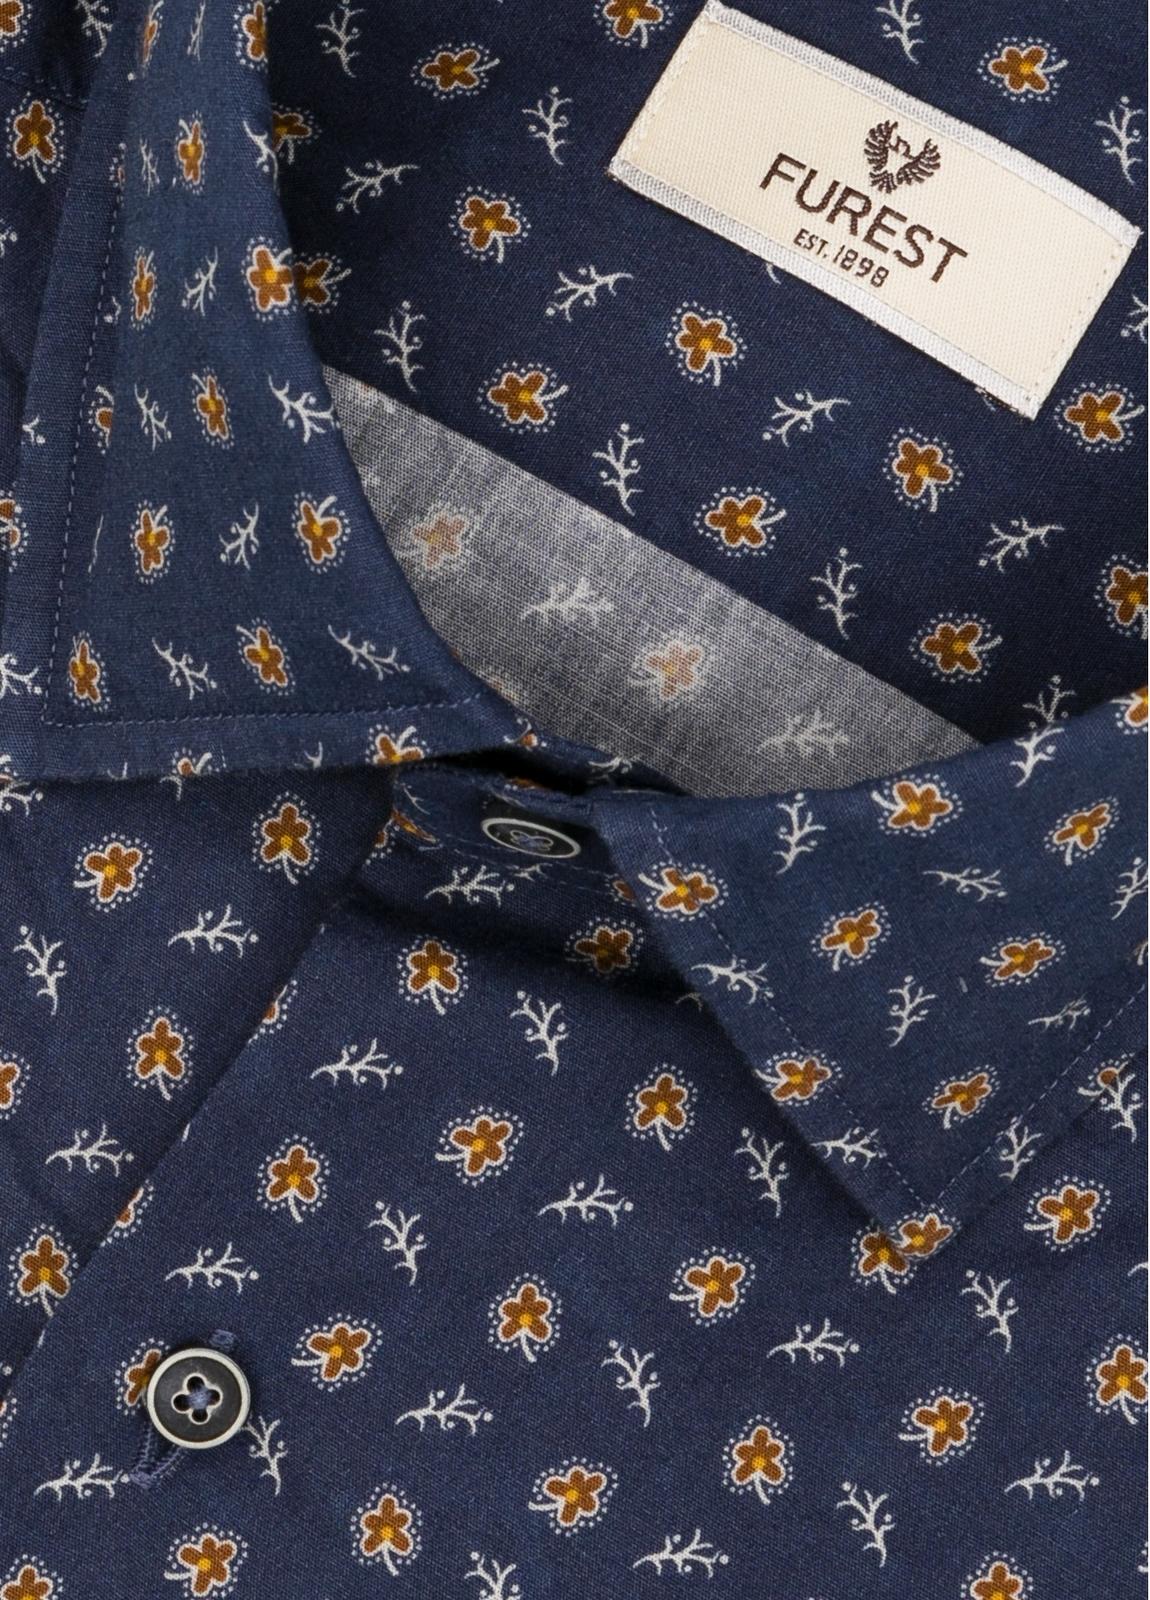 Camisa Leisure Wear SLIM FIT modelo PORTO estampado fantasía color azul marino. 100% Algodón. - Ítem1